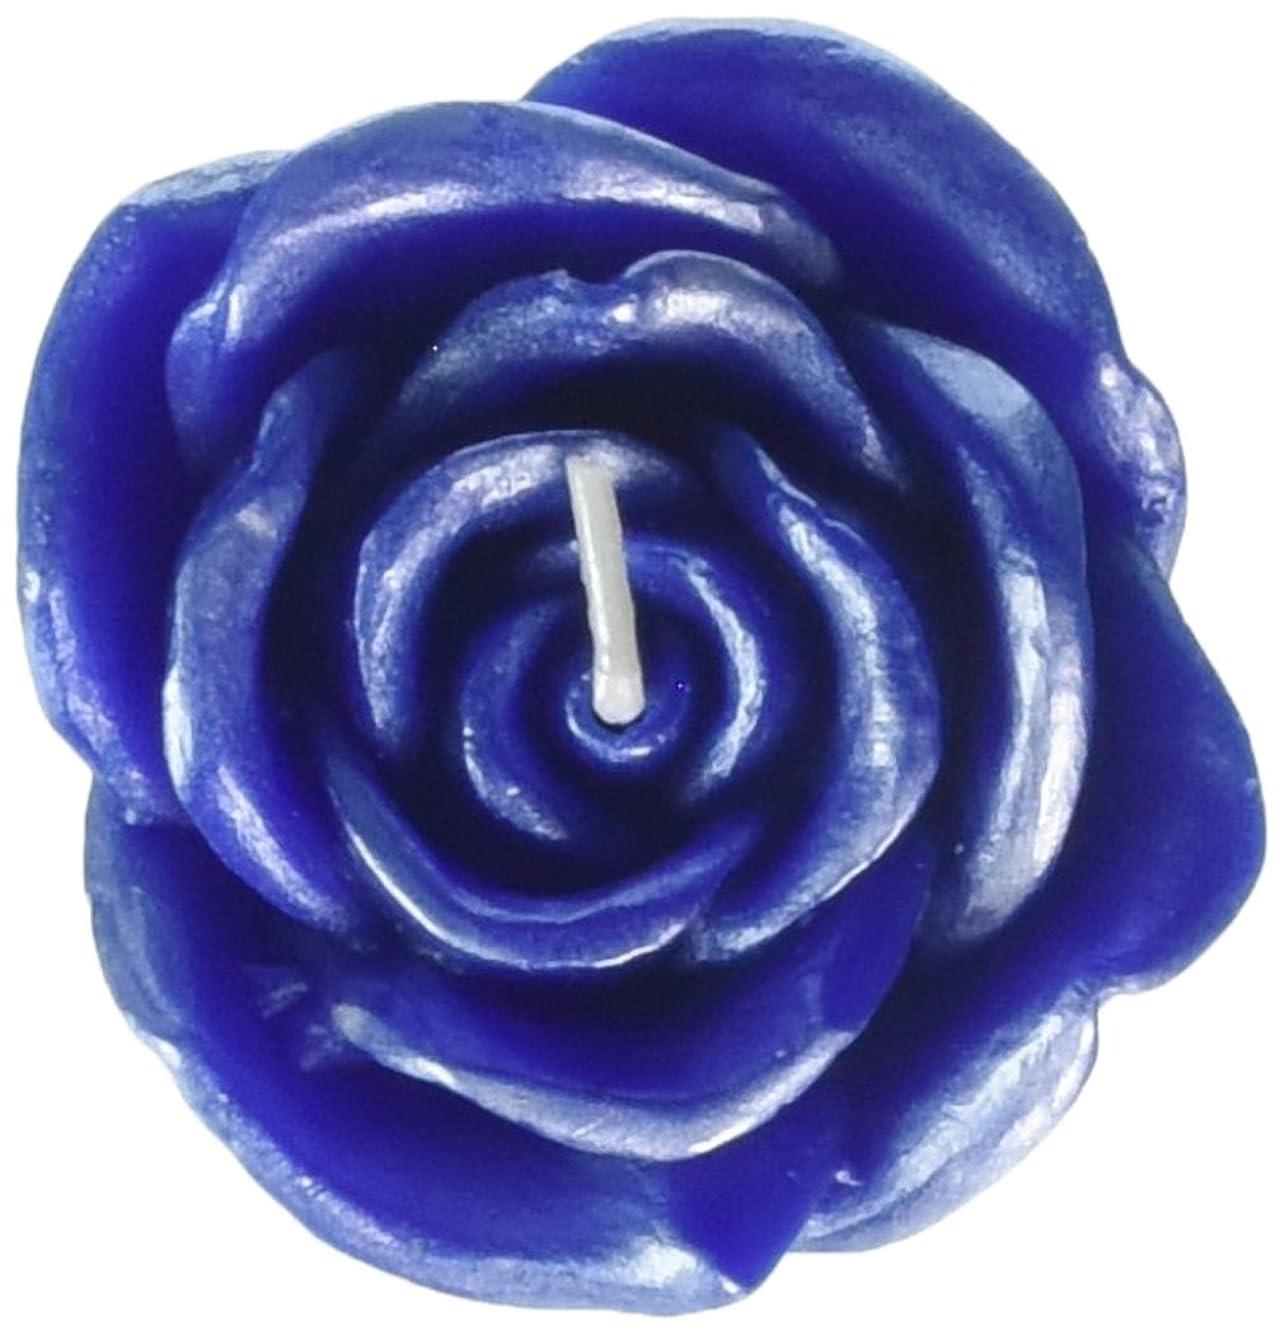 私たちのもの渇き人気のZest Candle CFZ-075 3 in. Blue Rose Floating Candles -12pc-Box